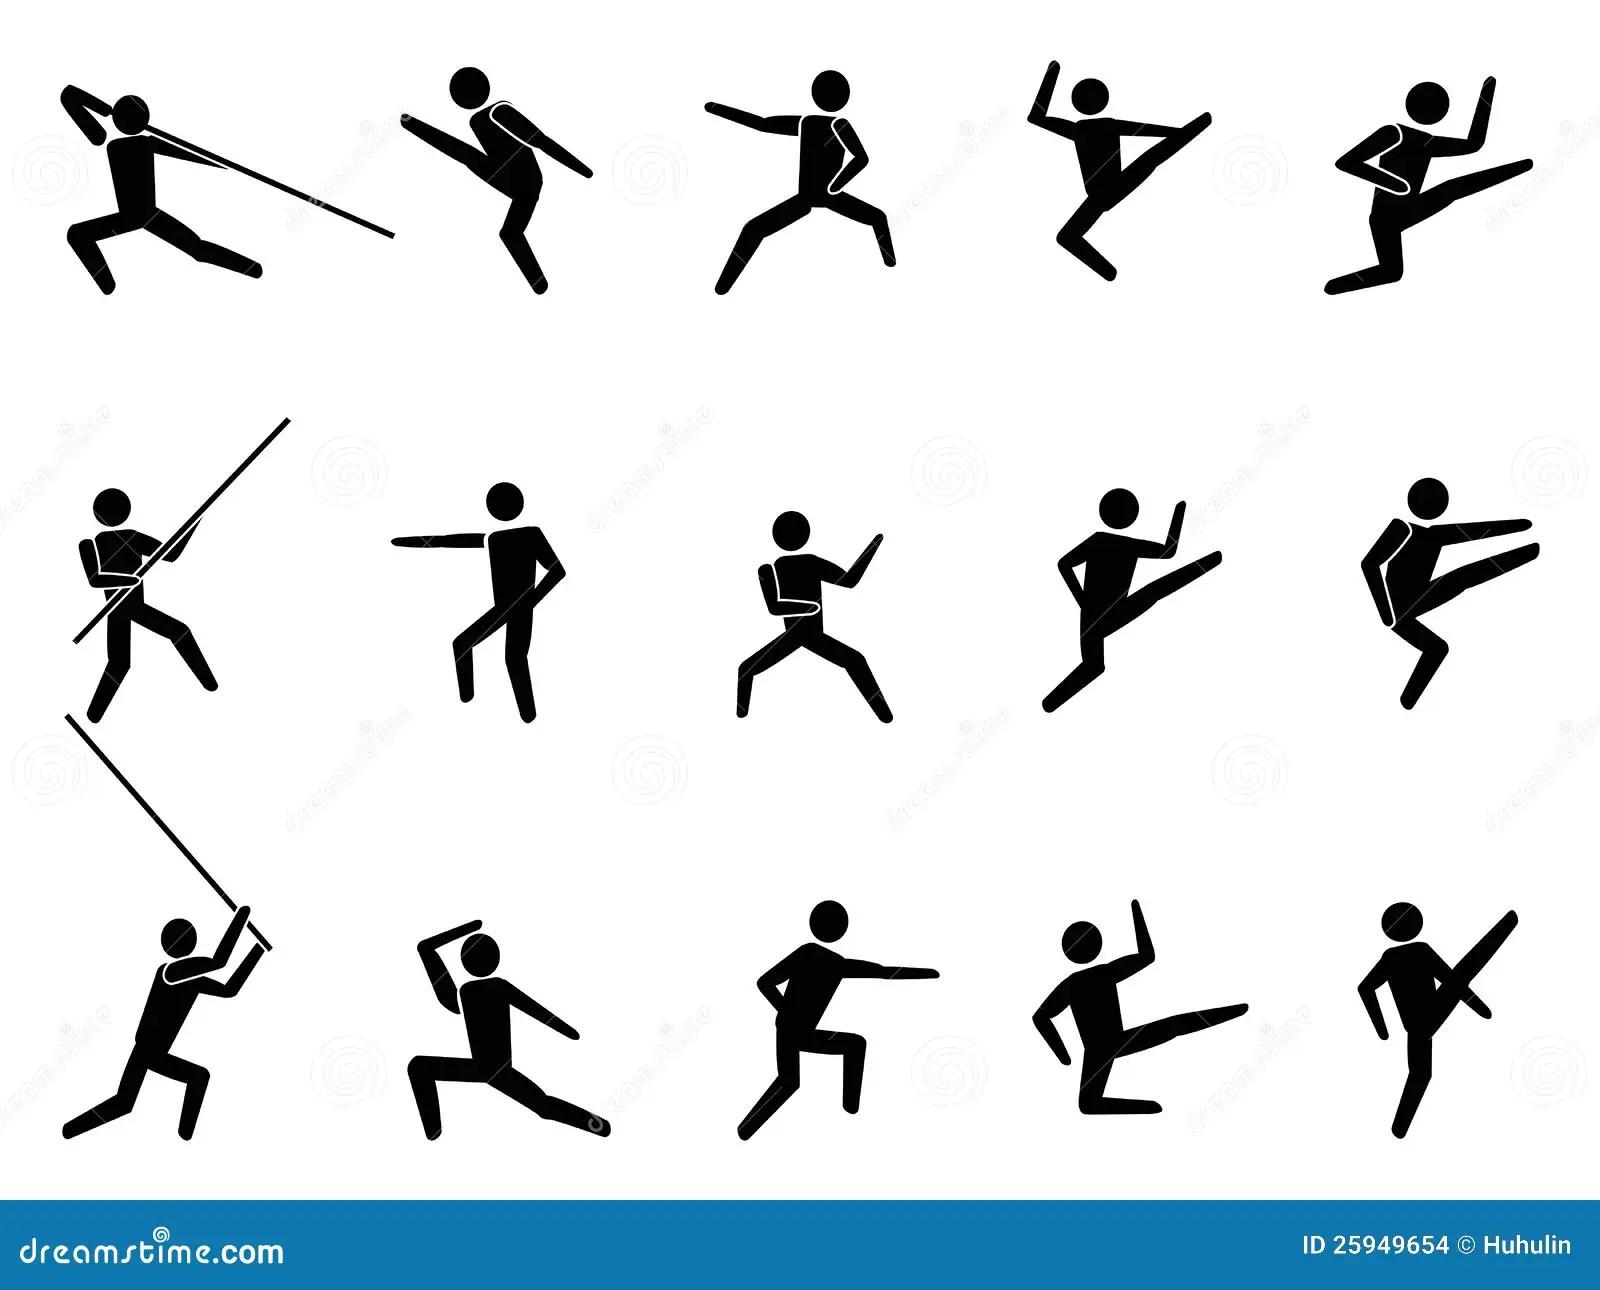 De Pictogrammen Van Het Symboolmensen Van Vechtsporten